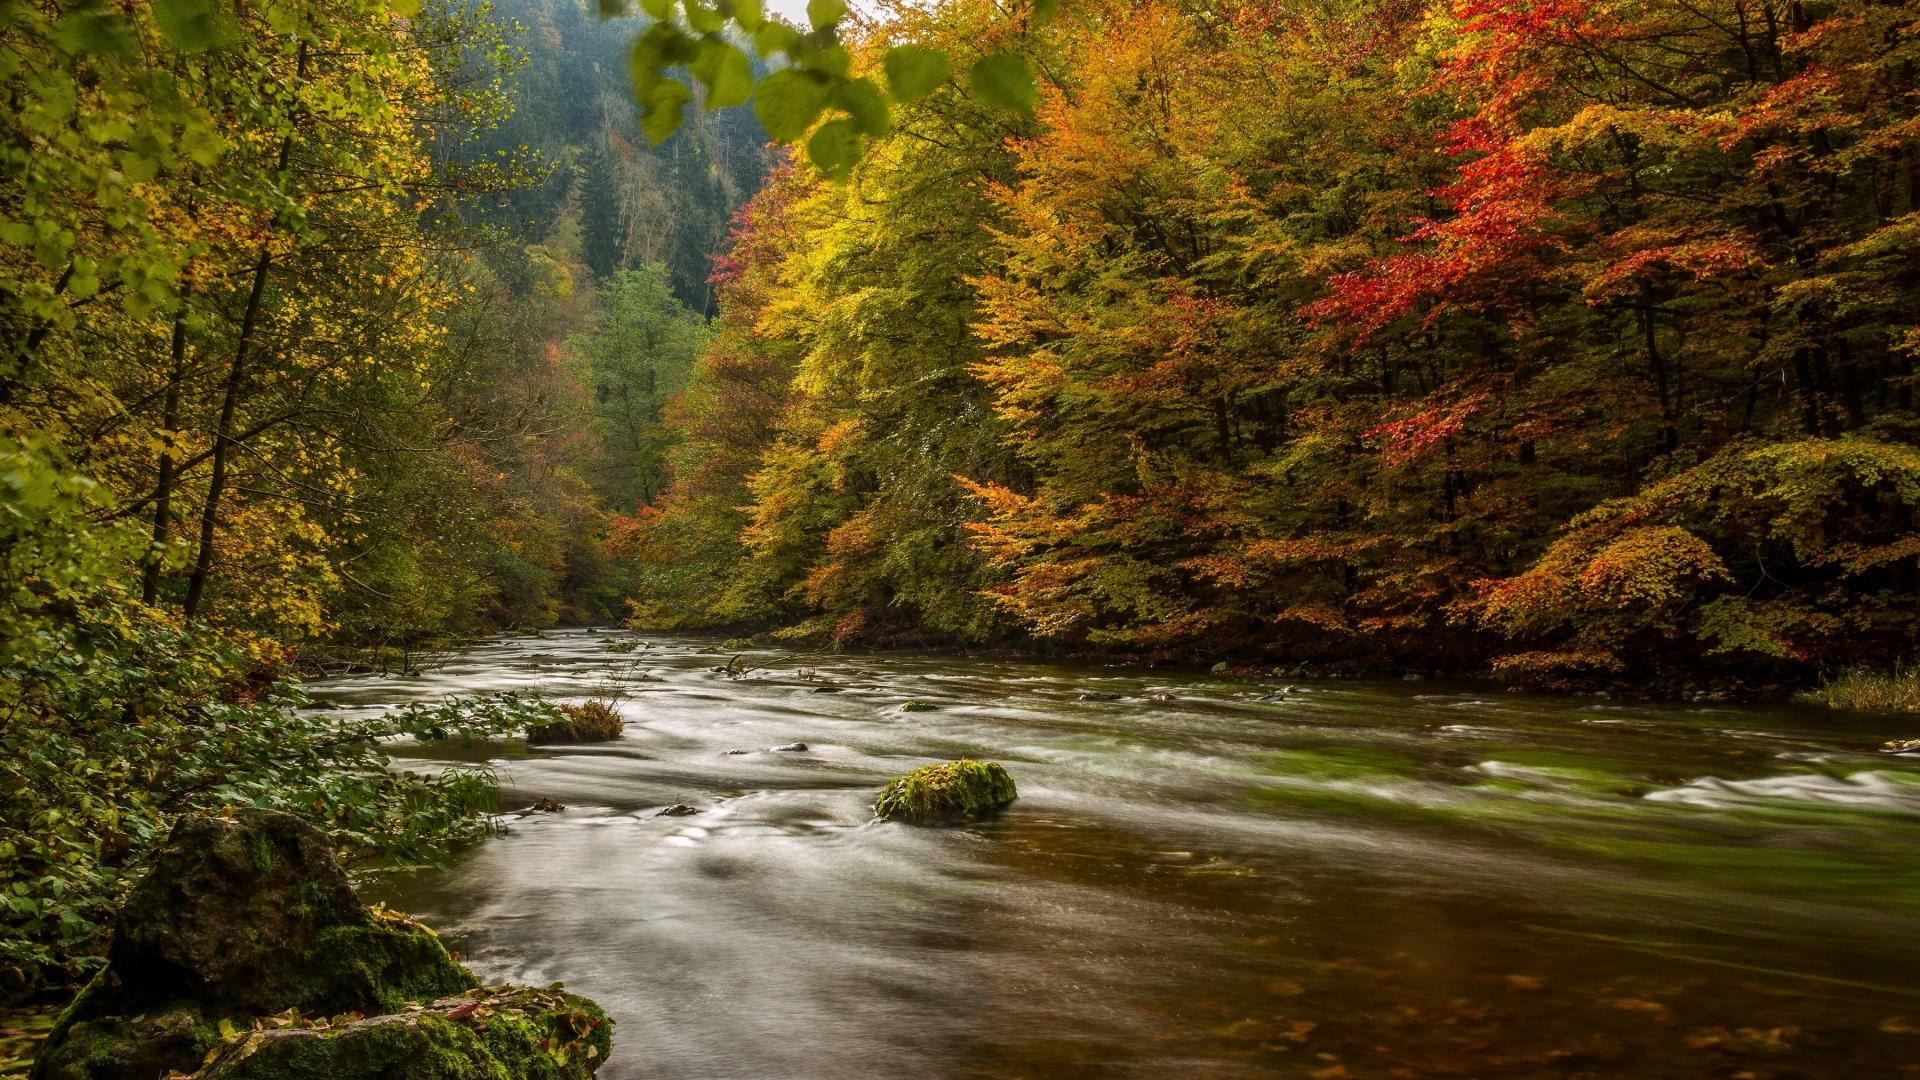 Hd Photos 3d Wallpaper Herunterladen 1920x1080 Full Hd Hintergrundbilder Fluss